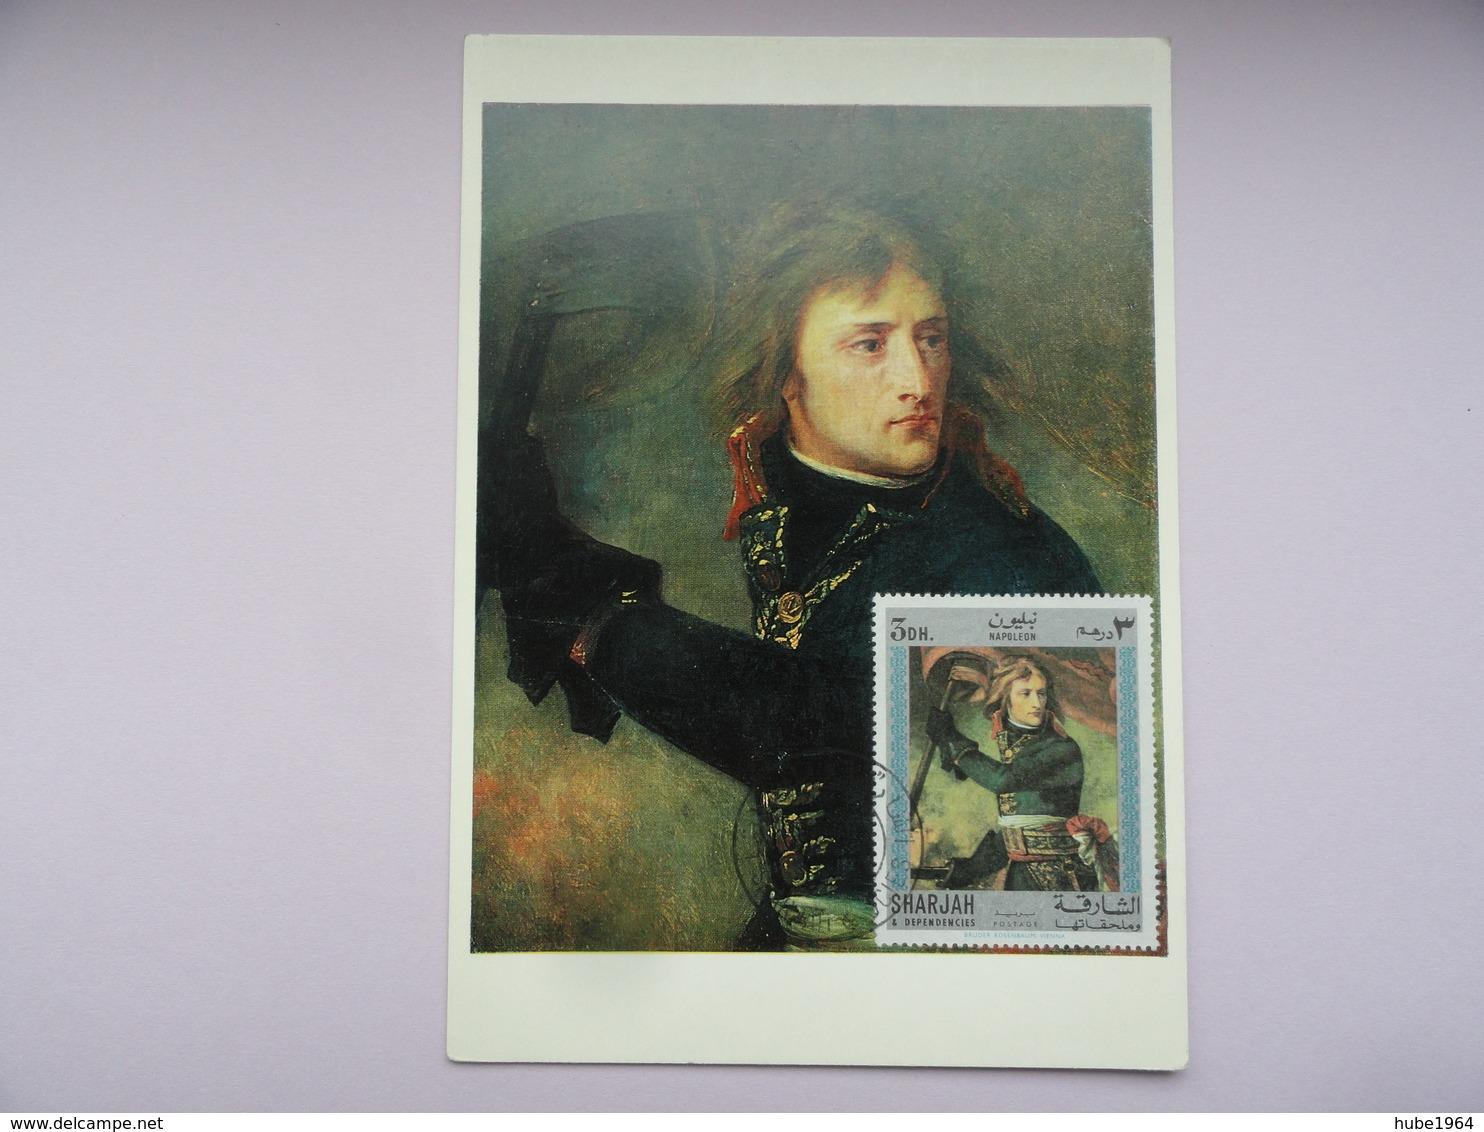 CARTE MAXIMUM CARD NAPOLEON BONAPARTE AU PONT D'ARCOLE PAR GROS SHARJAH - Künste